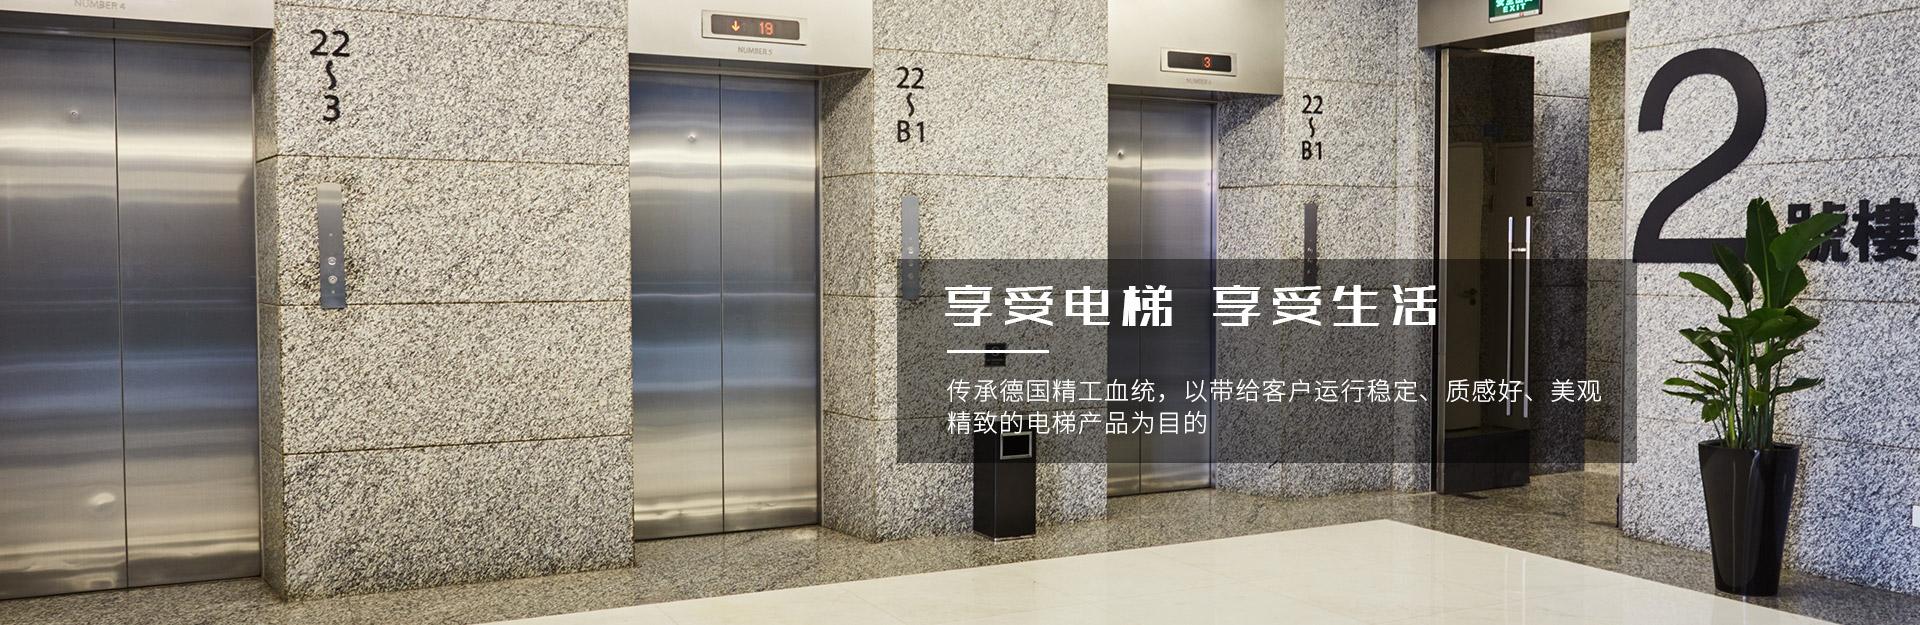 慵懒土豆游戏大全正规网站_上海阿尔法电梯有限公司